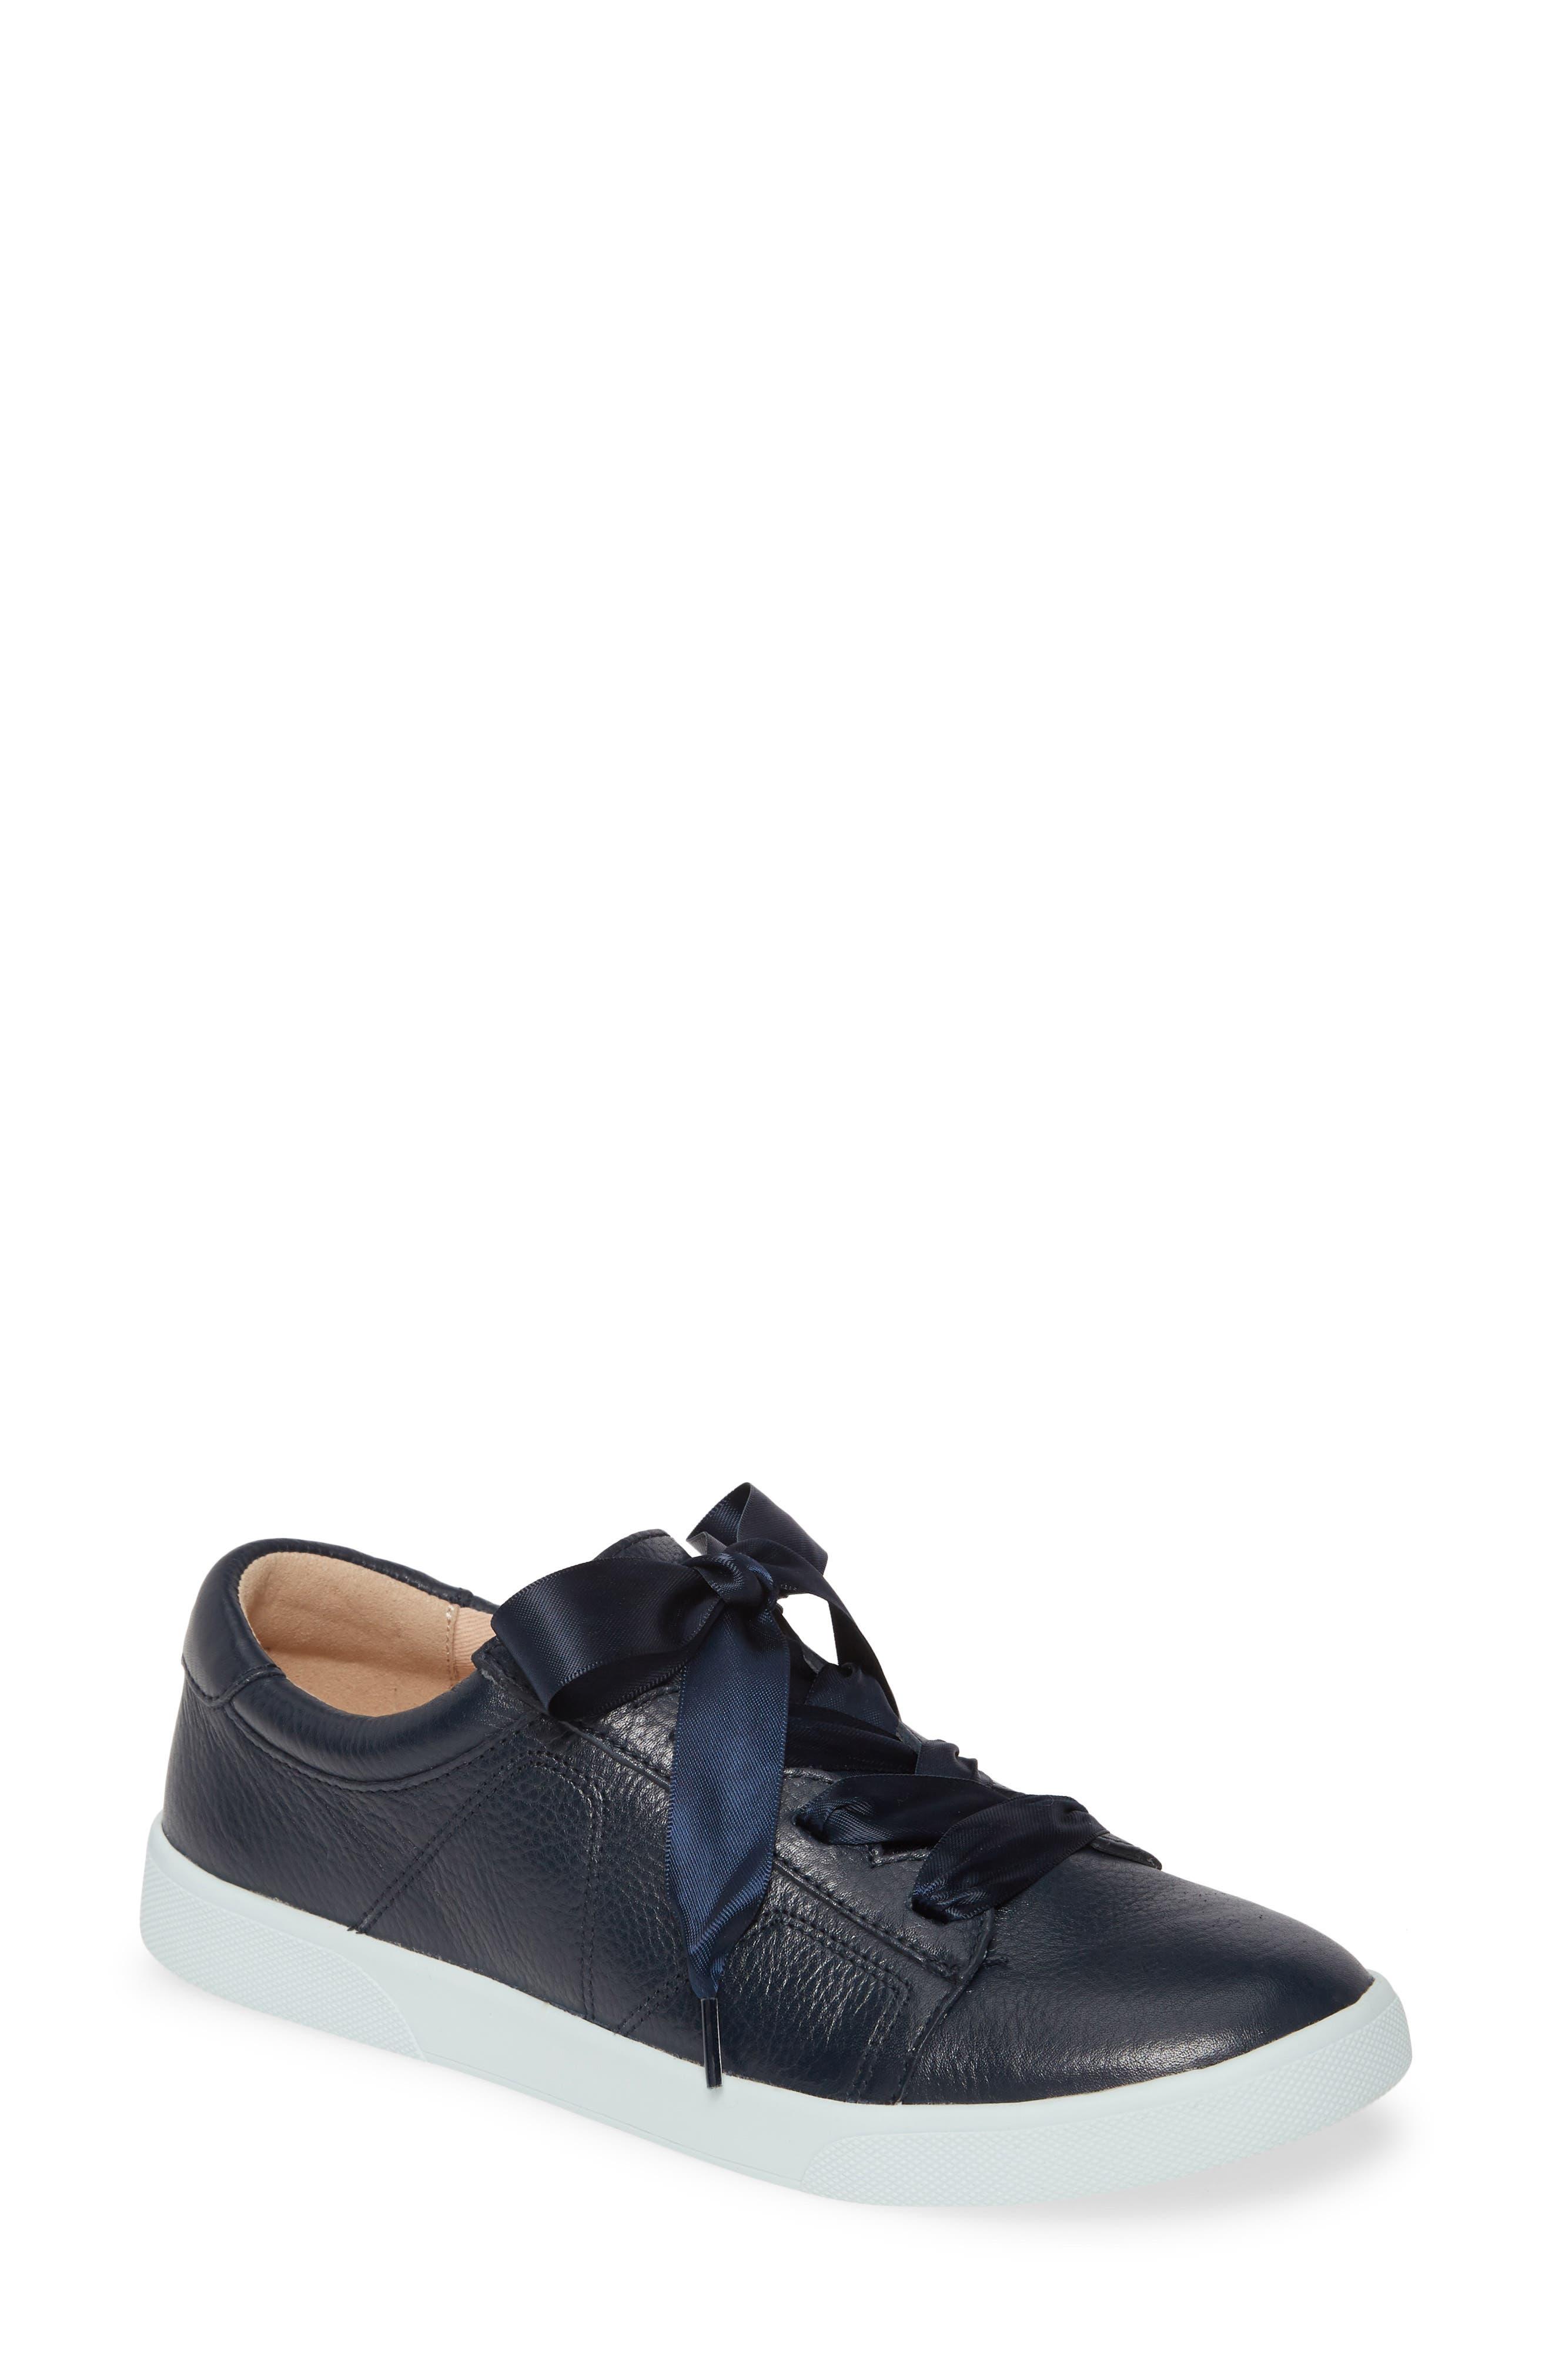 Vionic Chantelle Sneaker